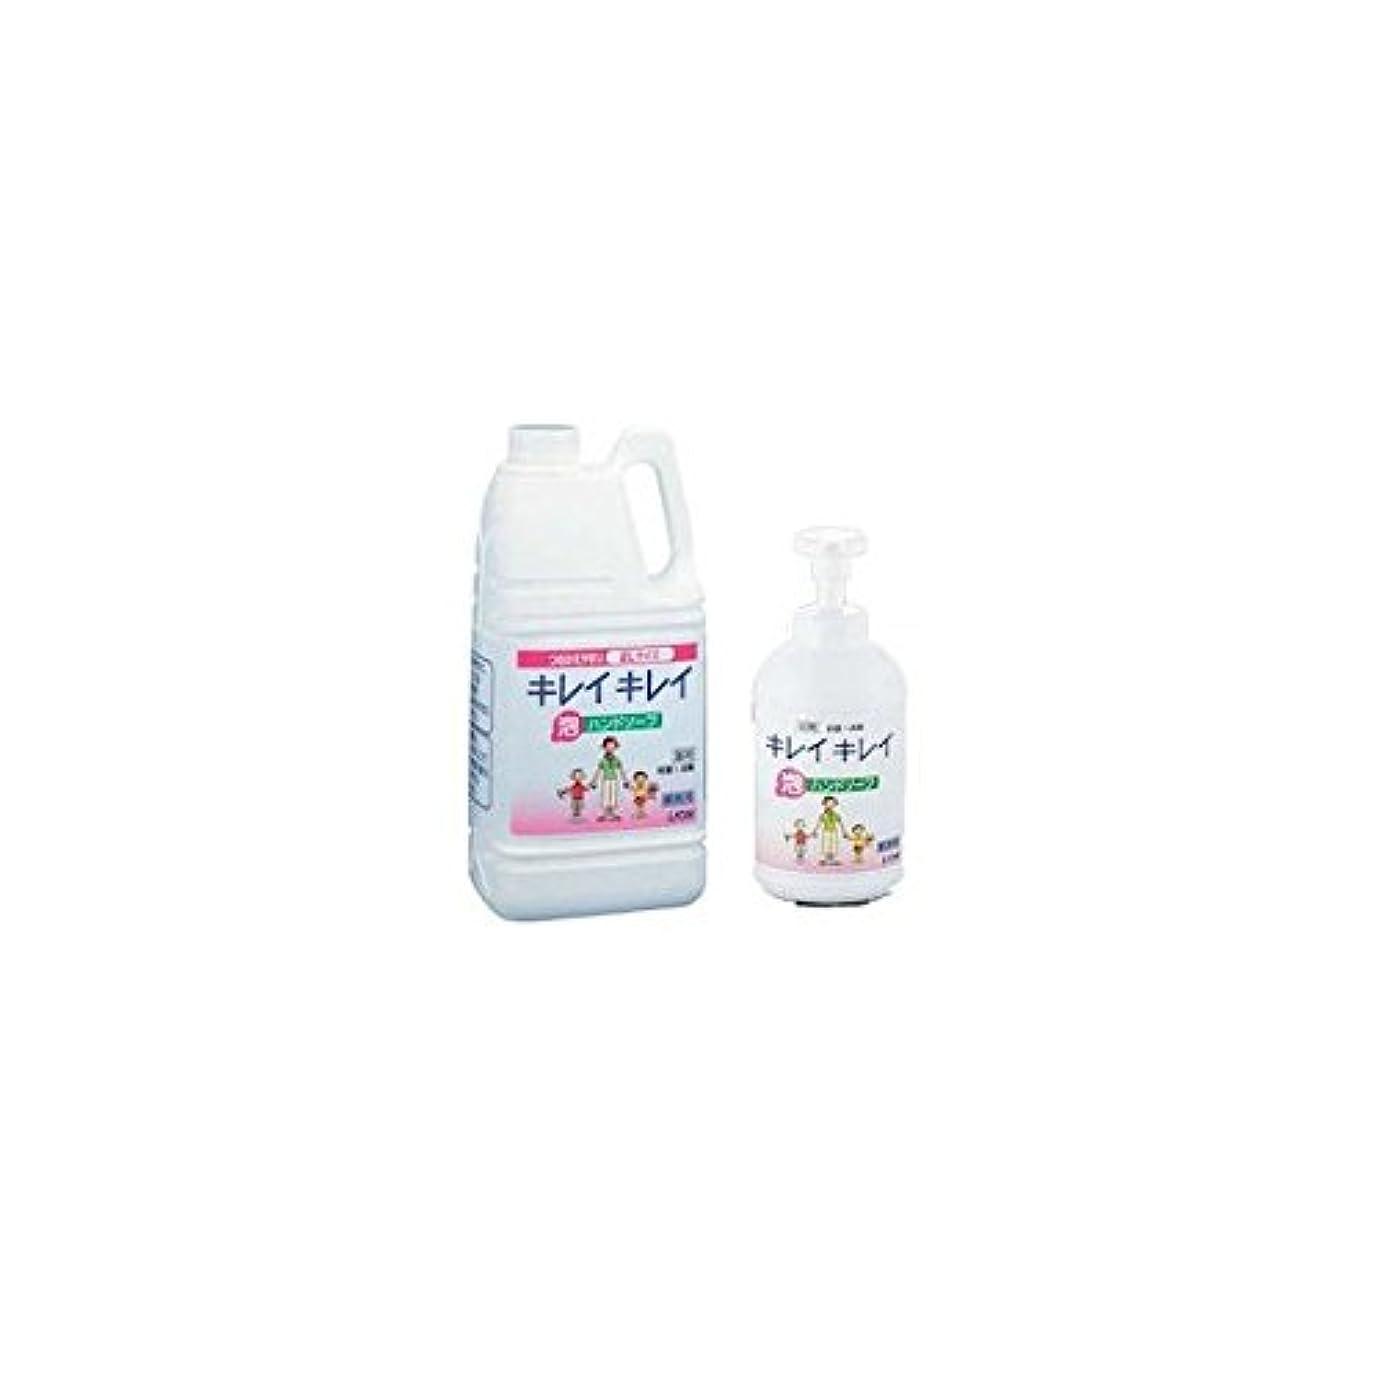 インタフェース分類するいくつかのライオン キレイキレイ薬用泡ハンドソープ 2L(700ML専用ポンプ付) 【品番】JHV2503